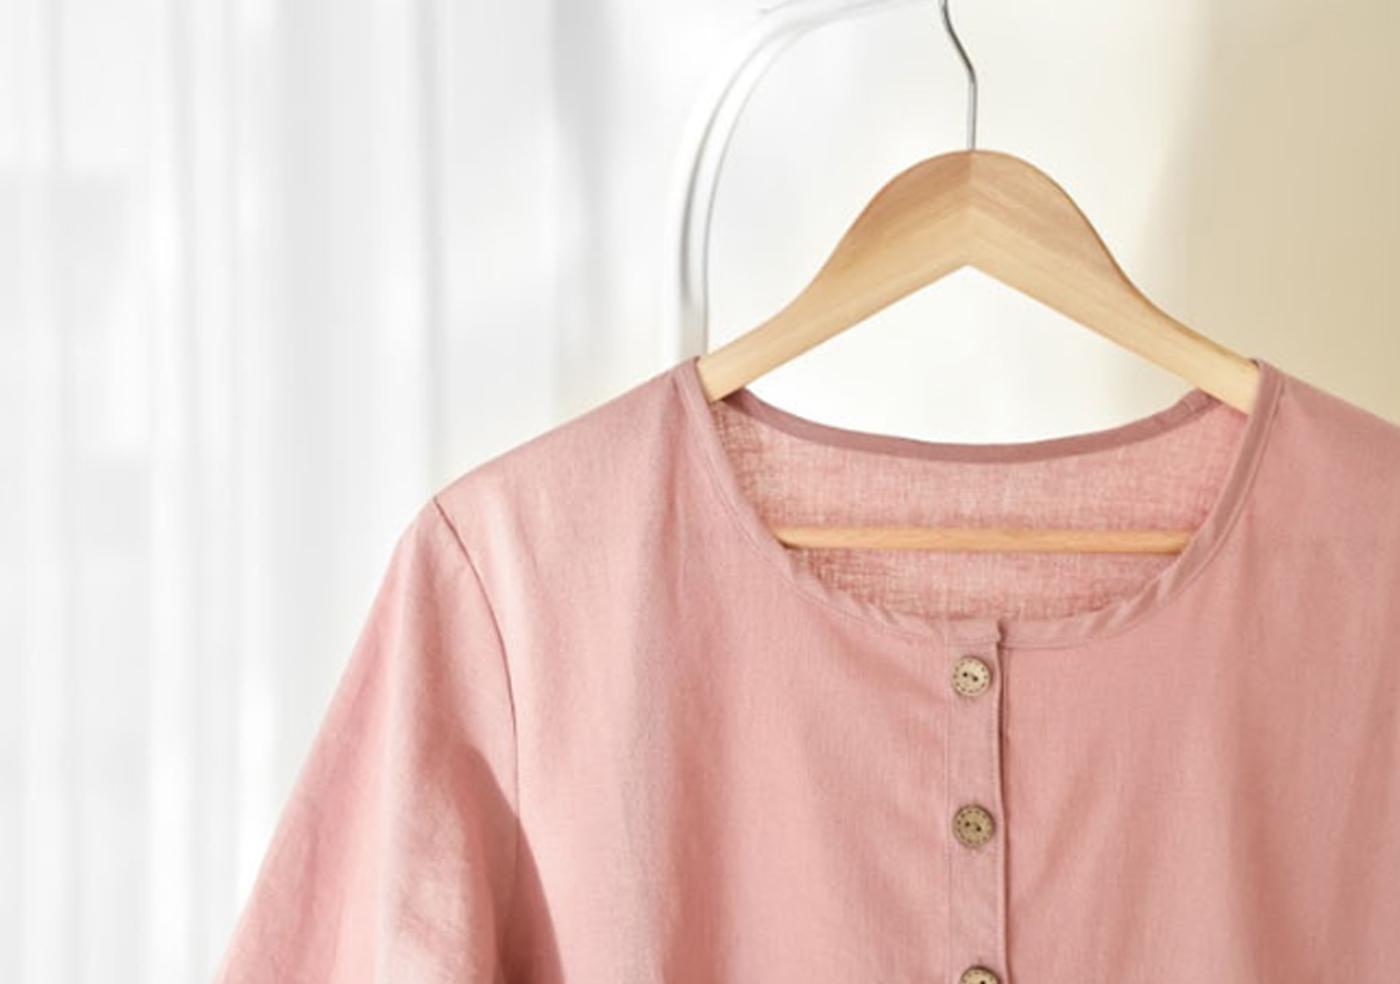 여성 광목 원피스 실내복(핑크)/실내복과 잠옷으로 활용하는 여성 홈웨어 원피스(핑크) 상세이미지3